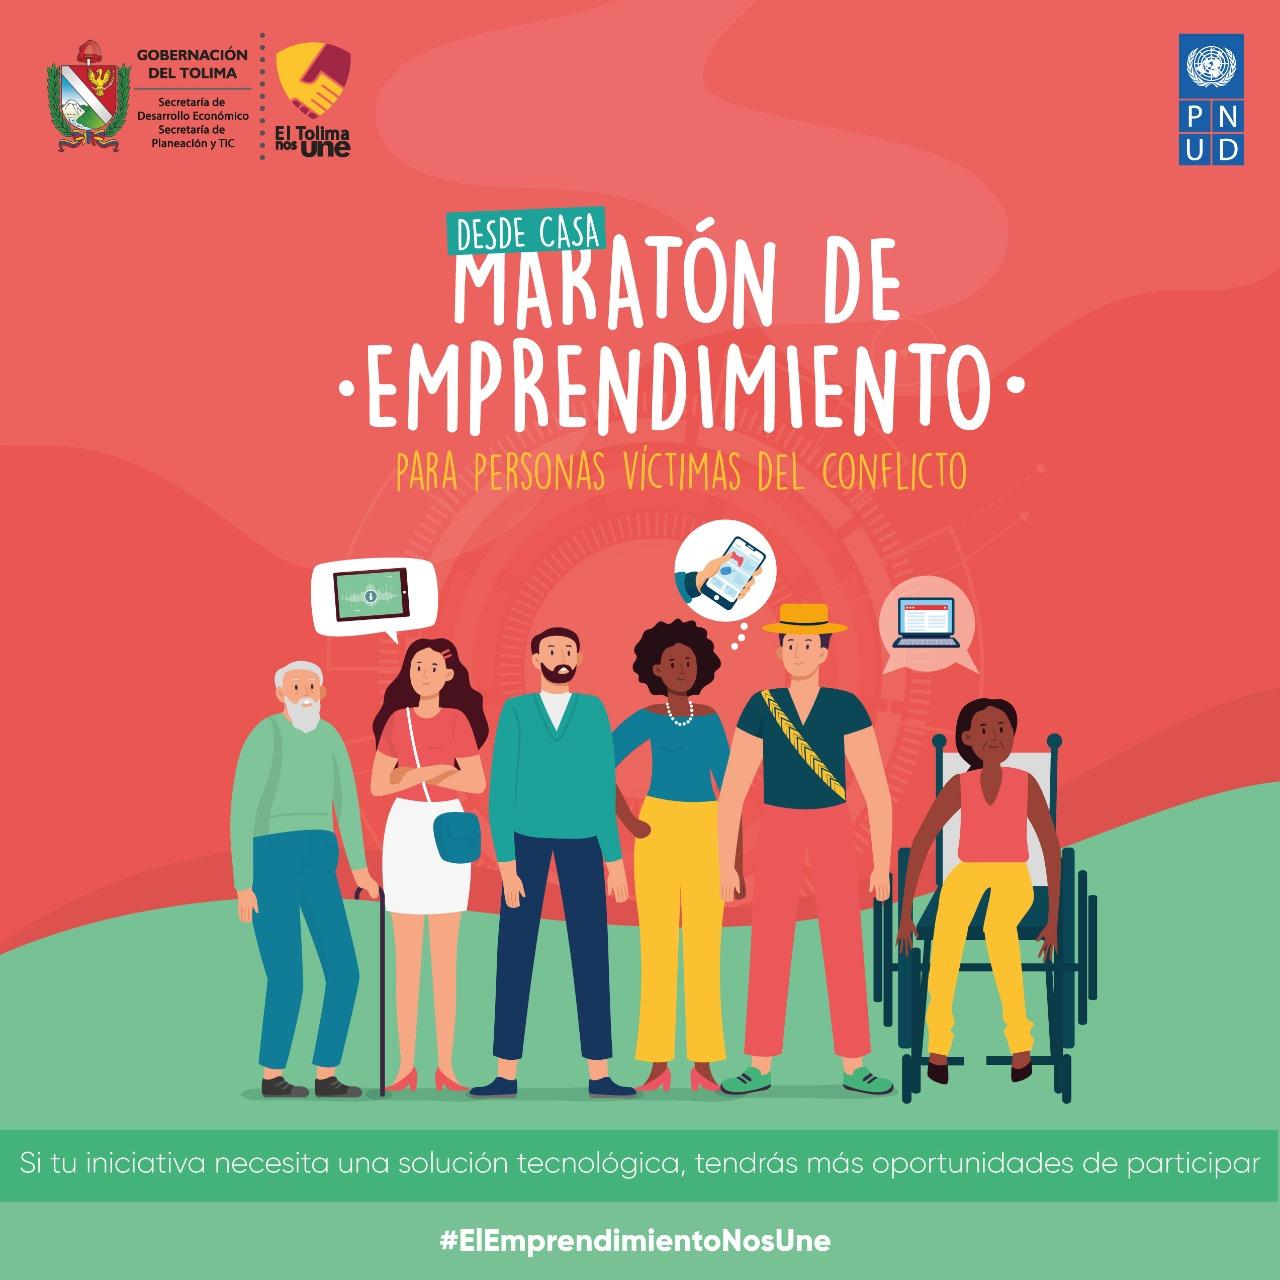 Hasta el 27 de septiembre, víctimas del conflicto podrán inscribirse en la Maratón de Emprendimiento 4